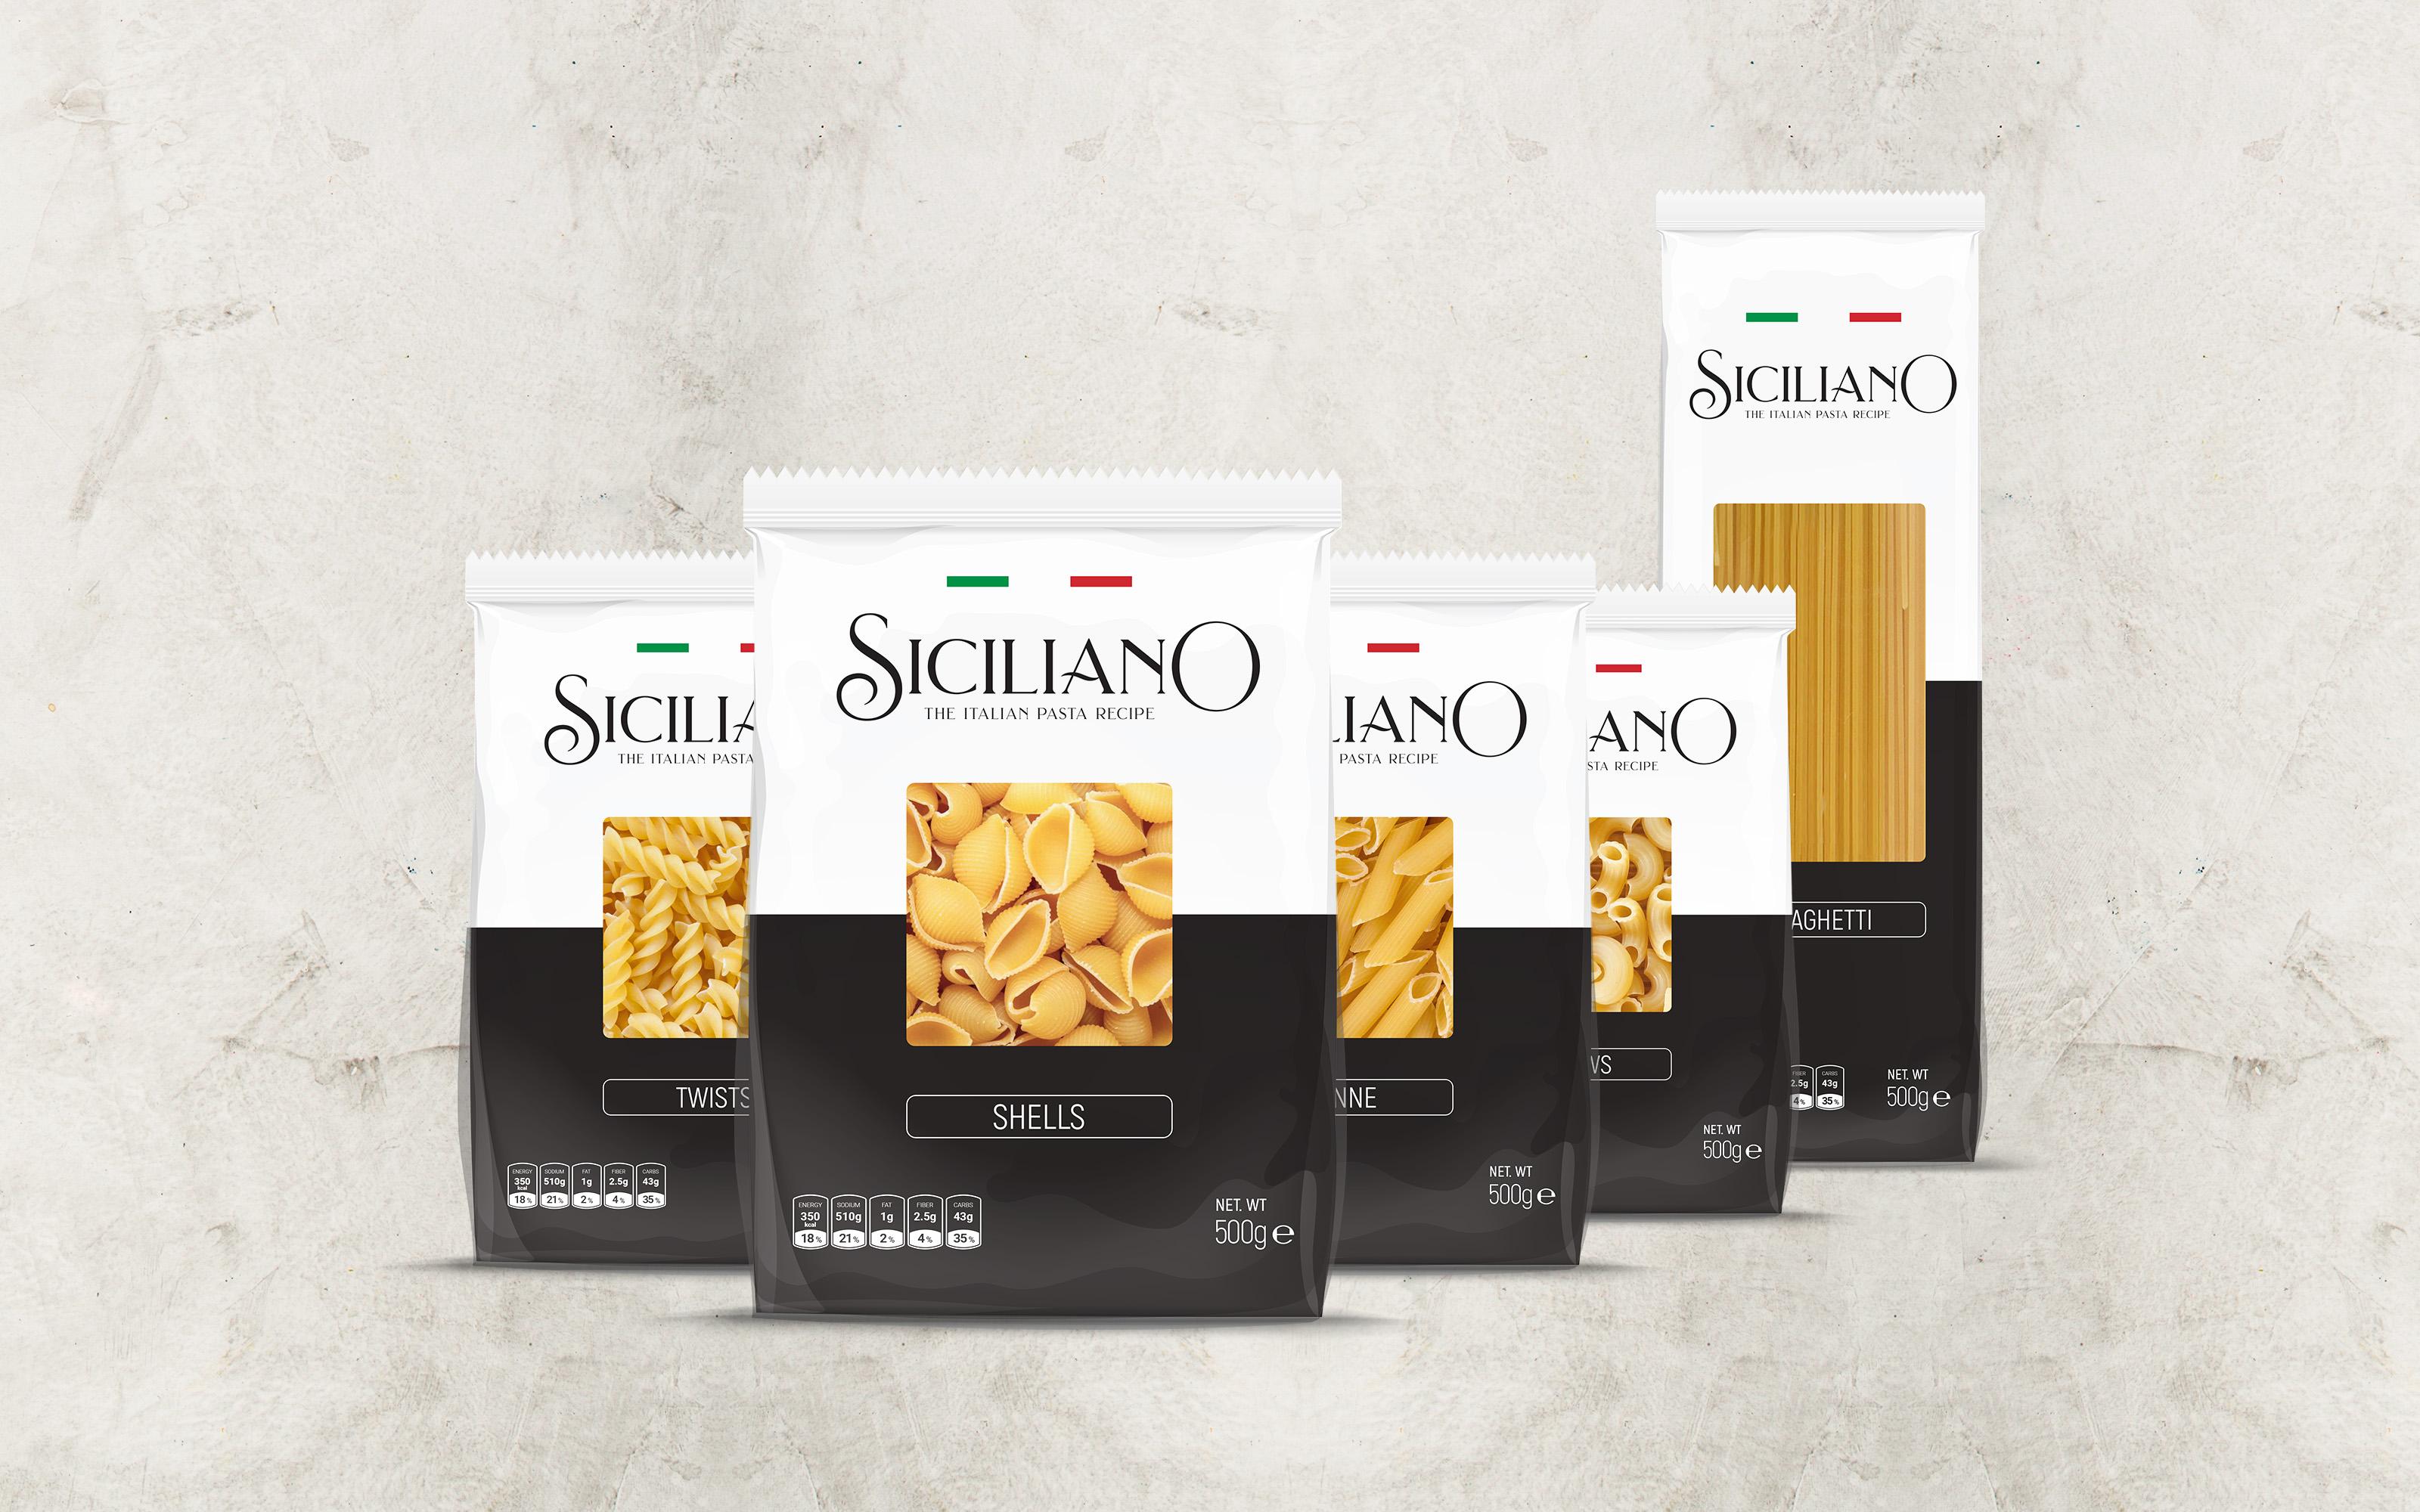 01_Siciliano_Pasta